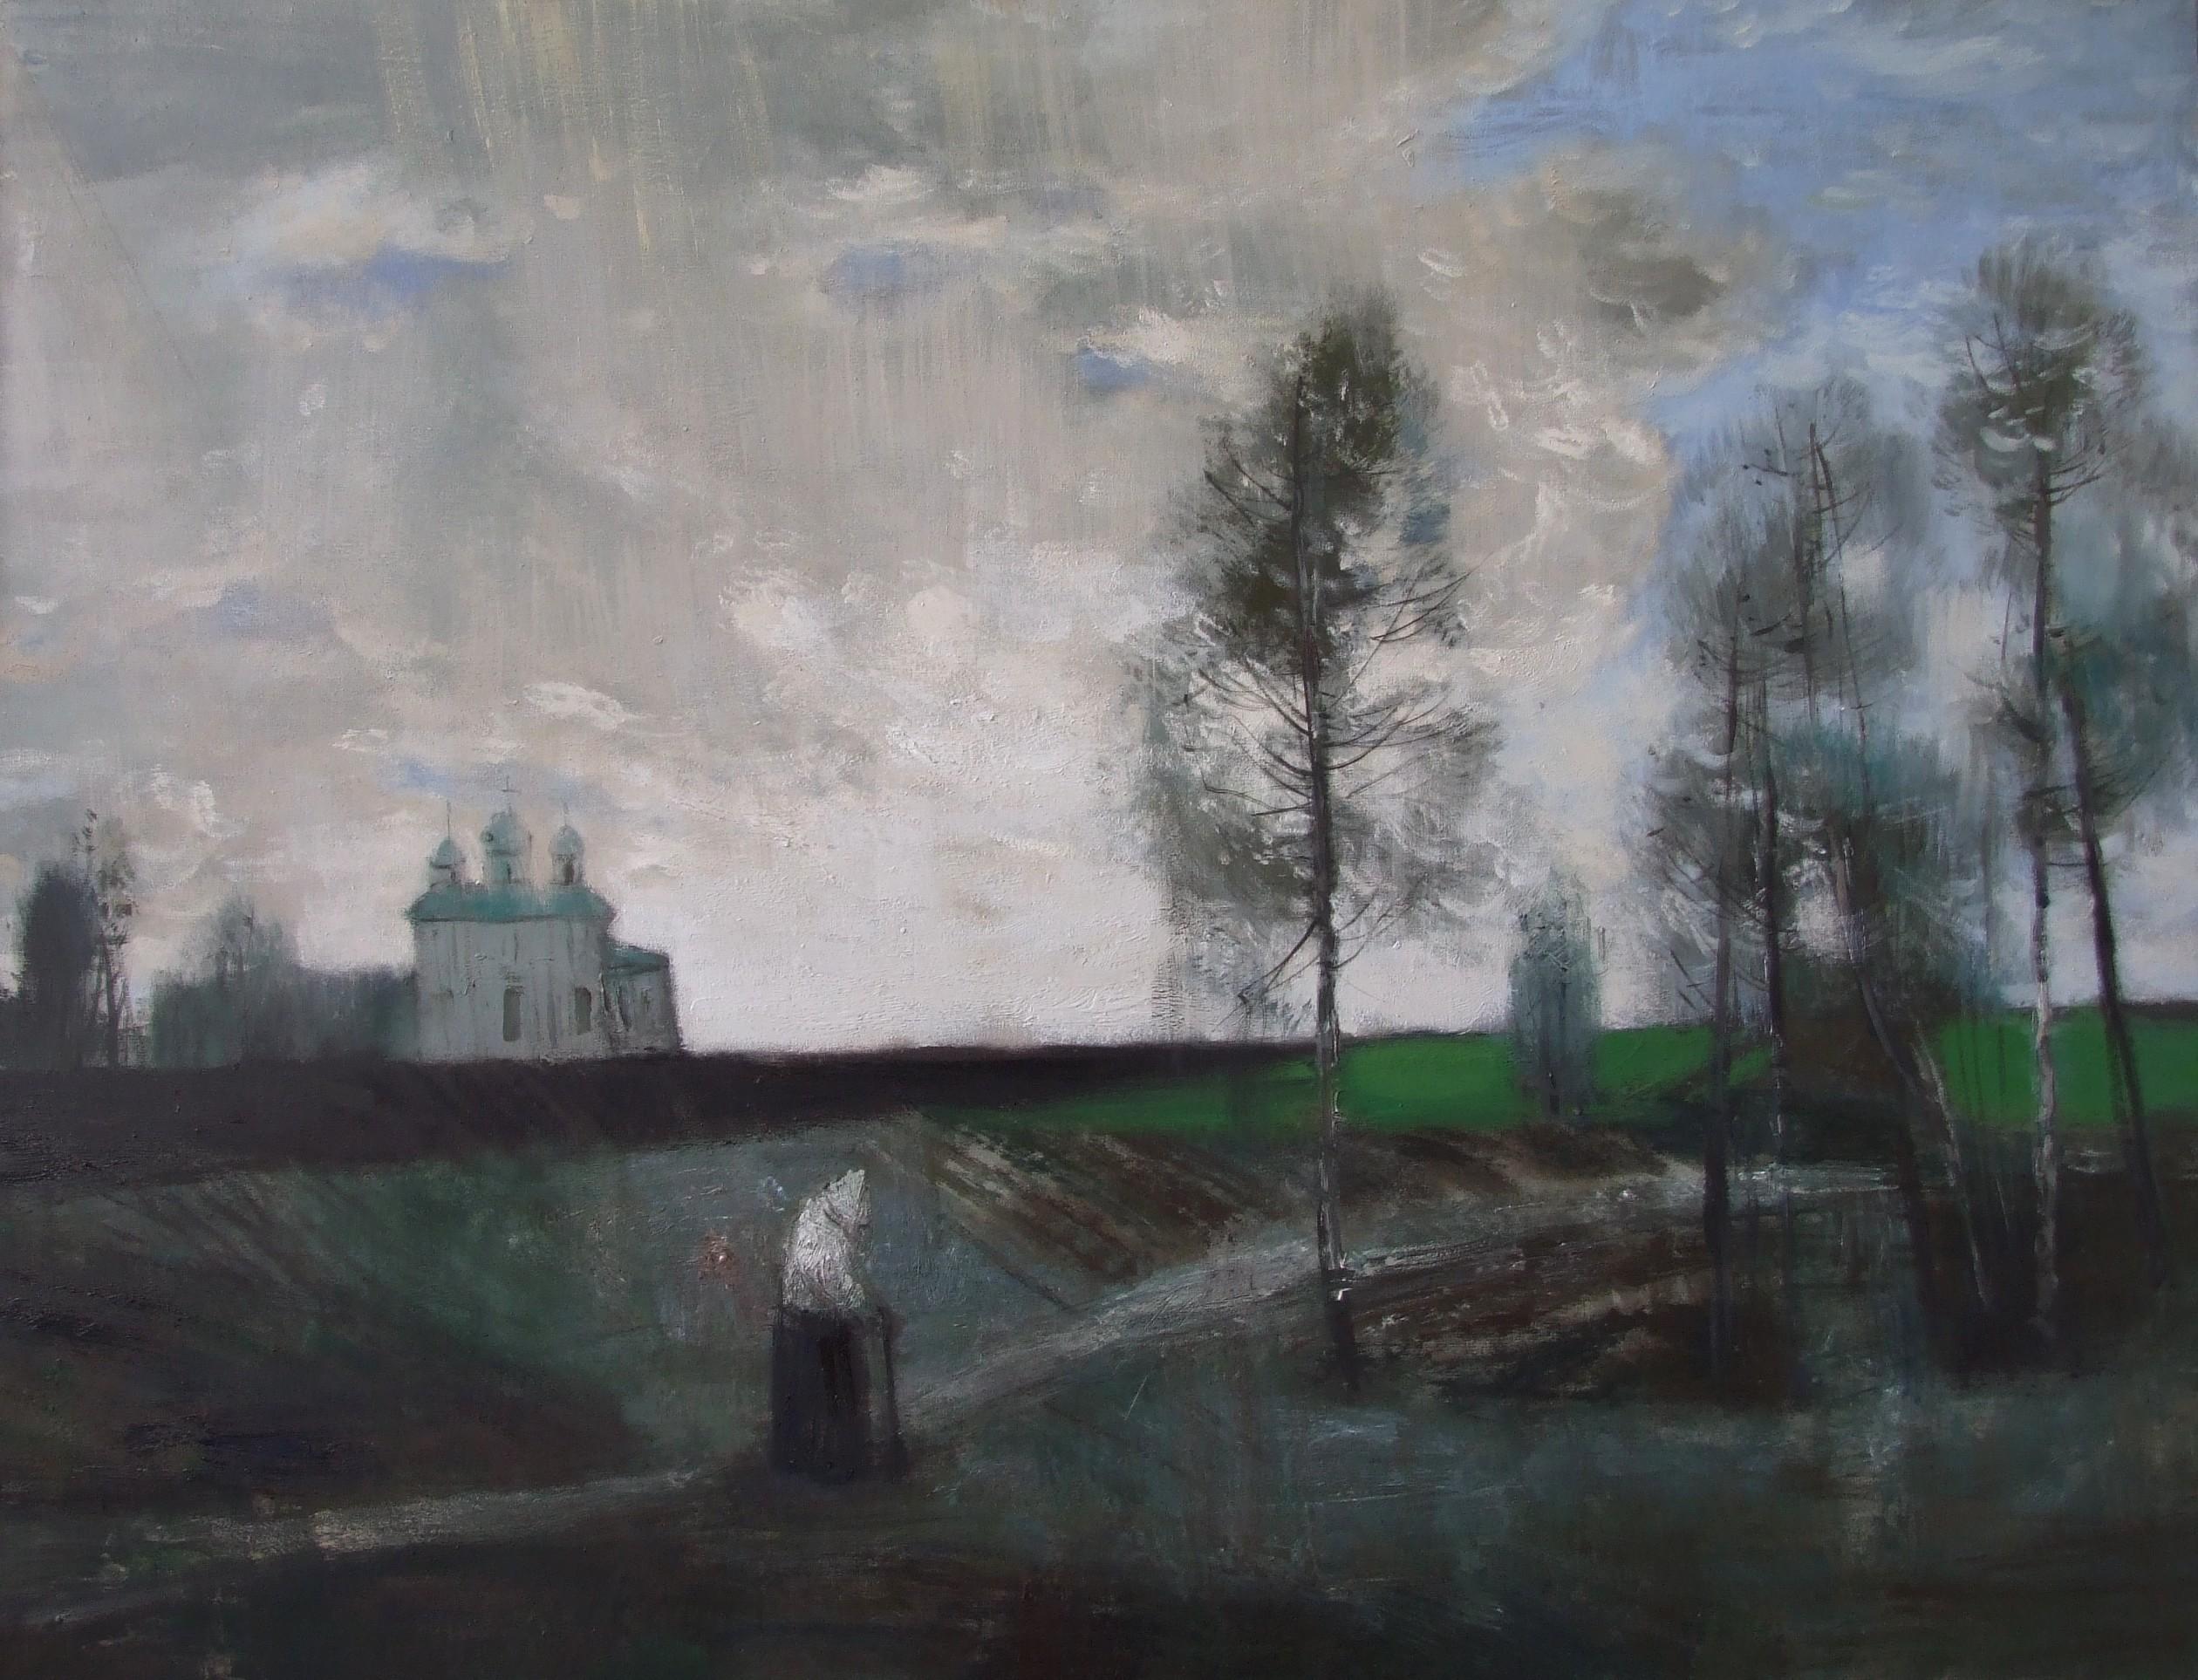 peyzazh_s_cerkovyu_90h120_2010g